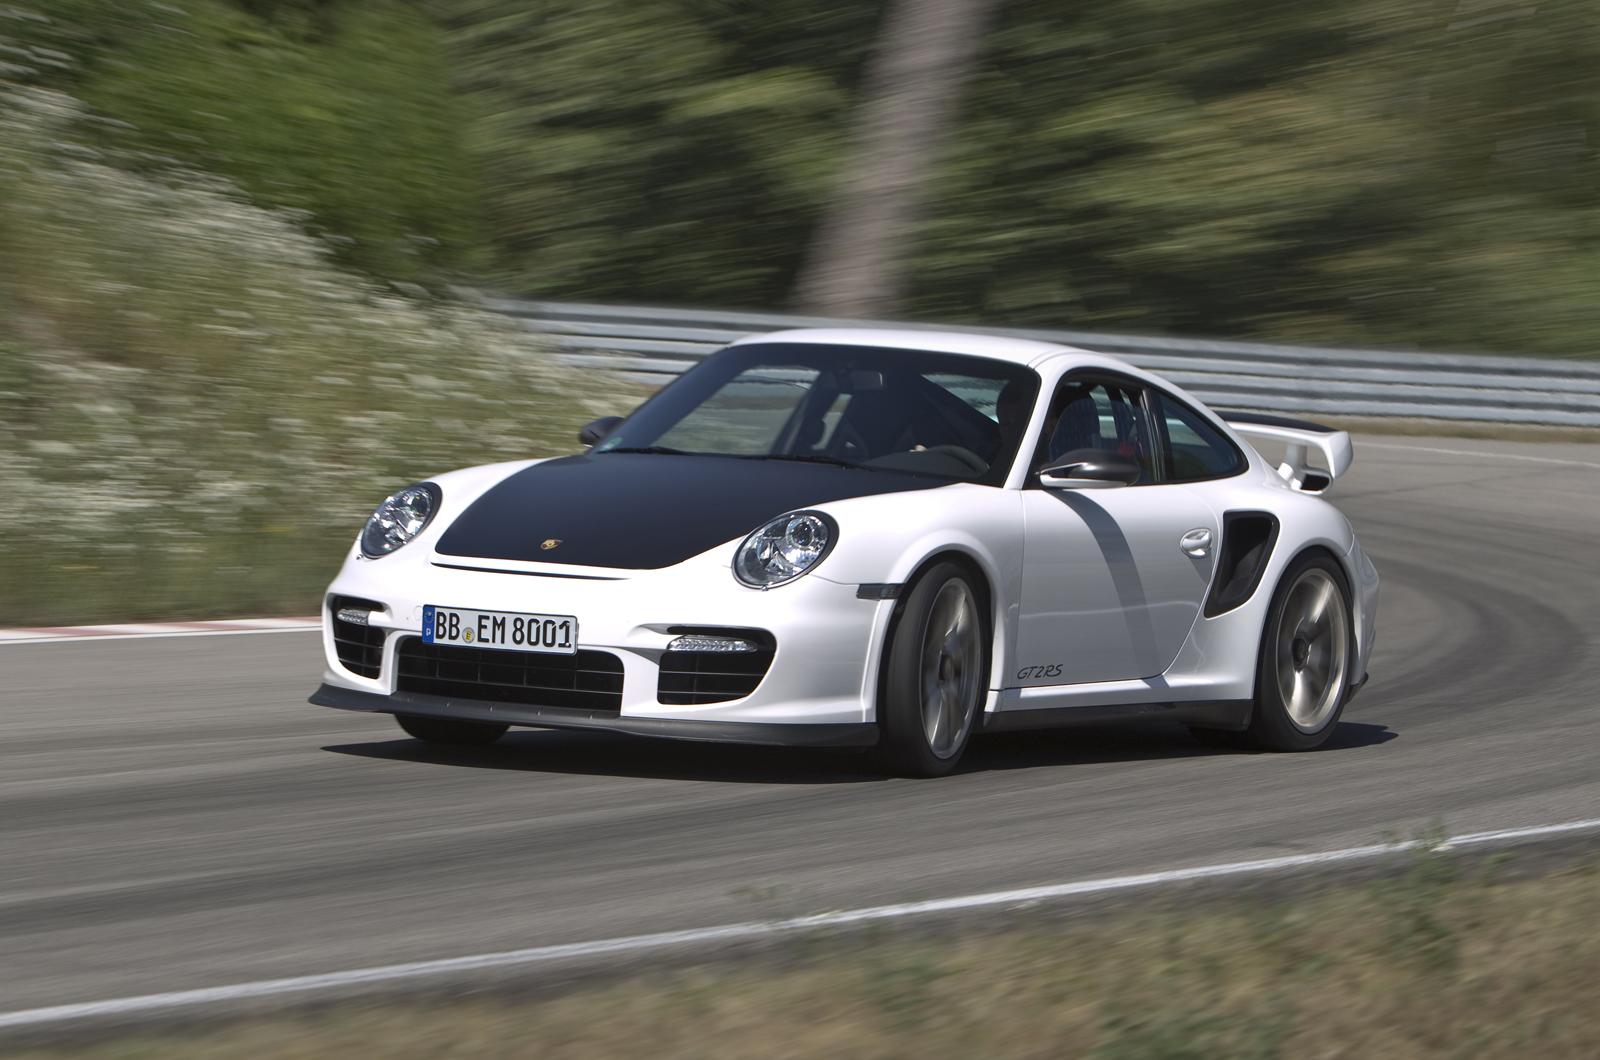 Porsche 911 gt3 rs review 2017 autocar - Porsche 911 Gt3 Rs Review 2017 Autocar 11